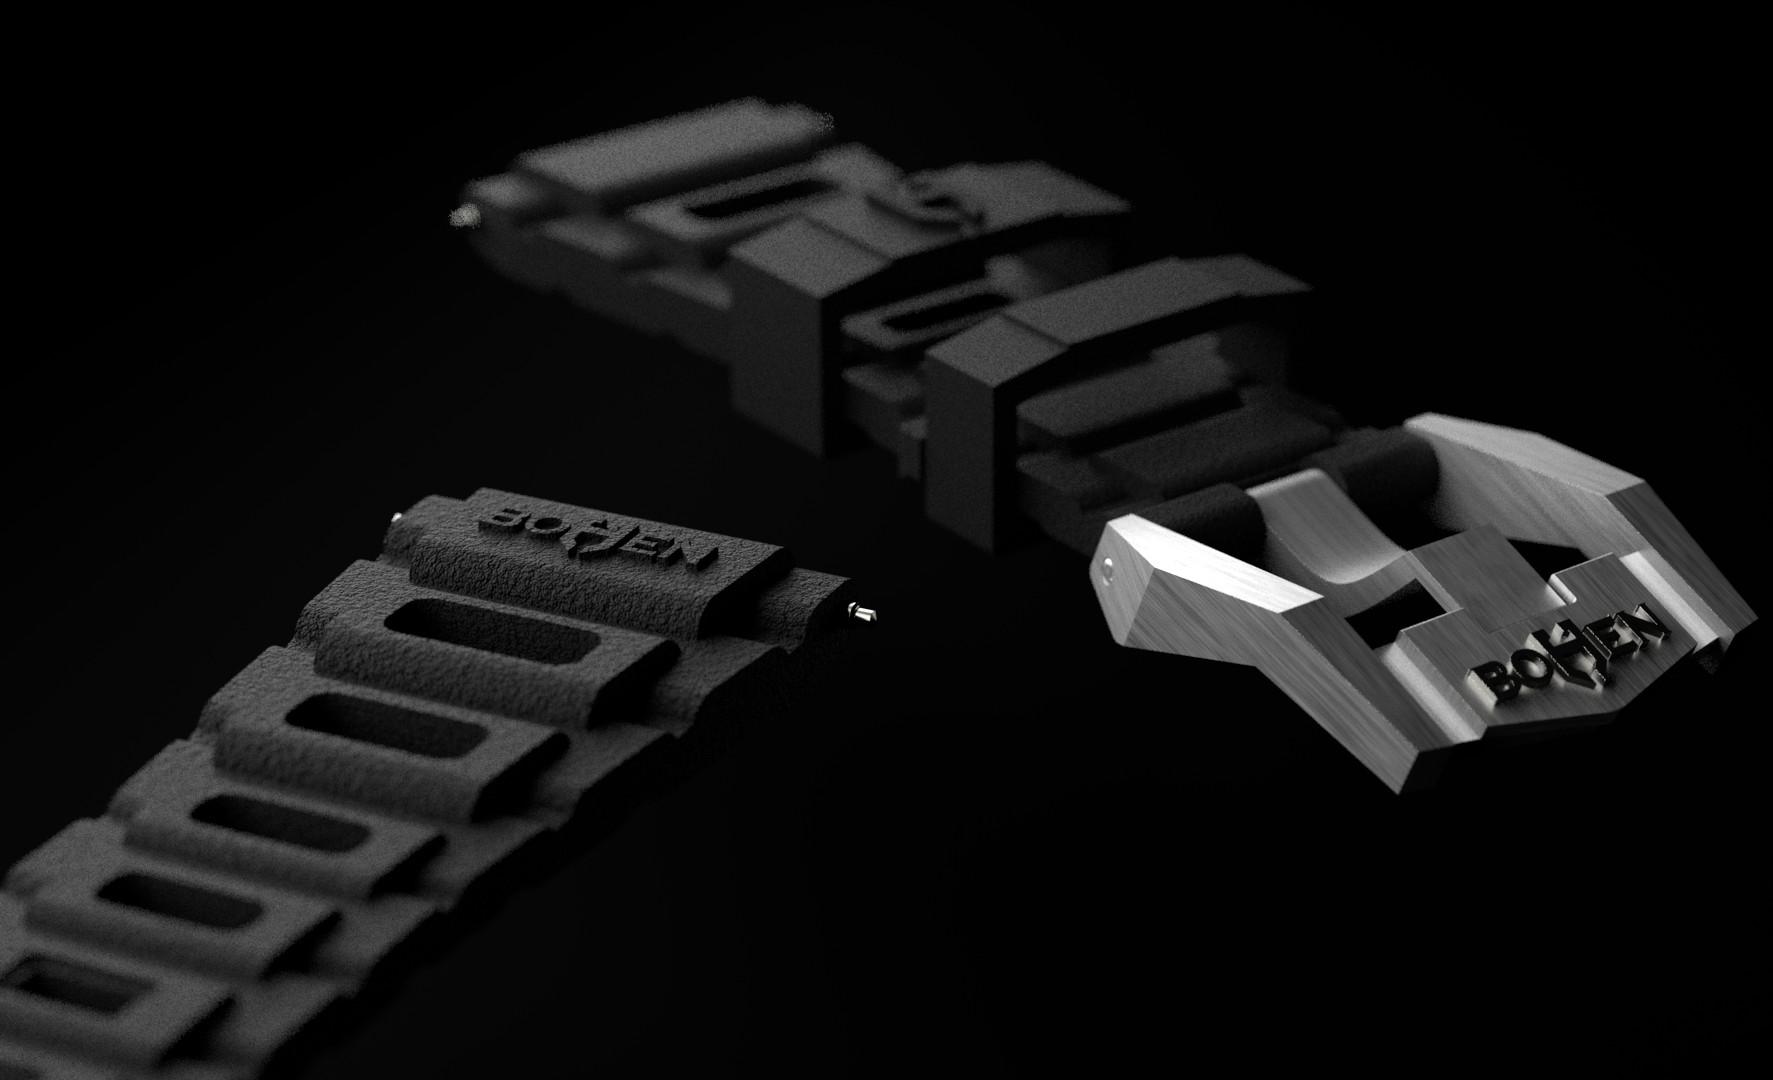 bracelet05.jpg